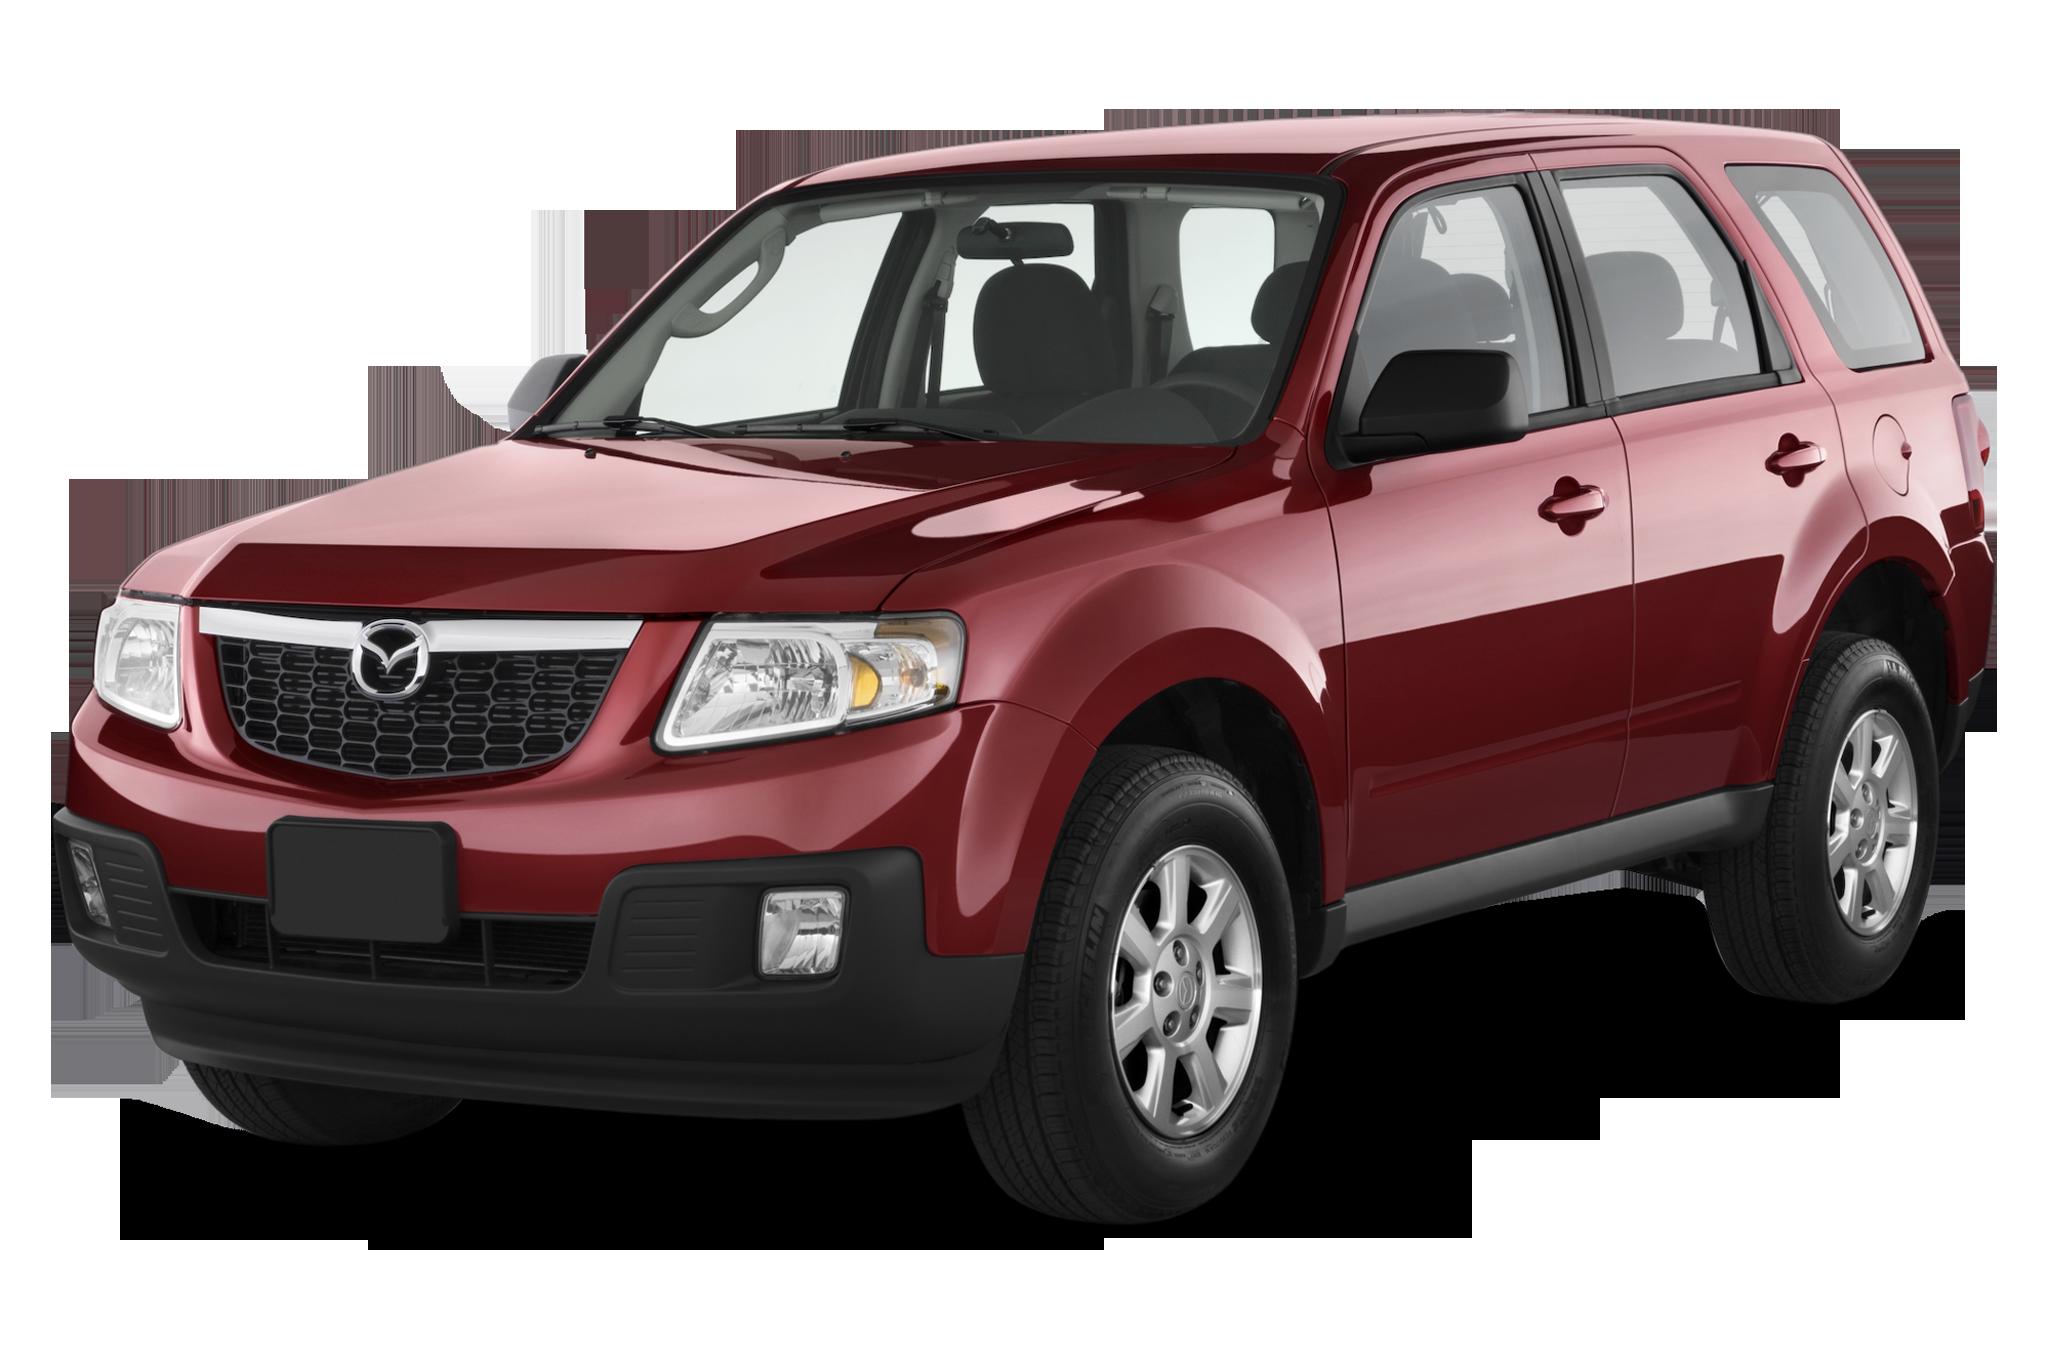 2010 Mazda Tribute